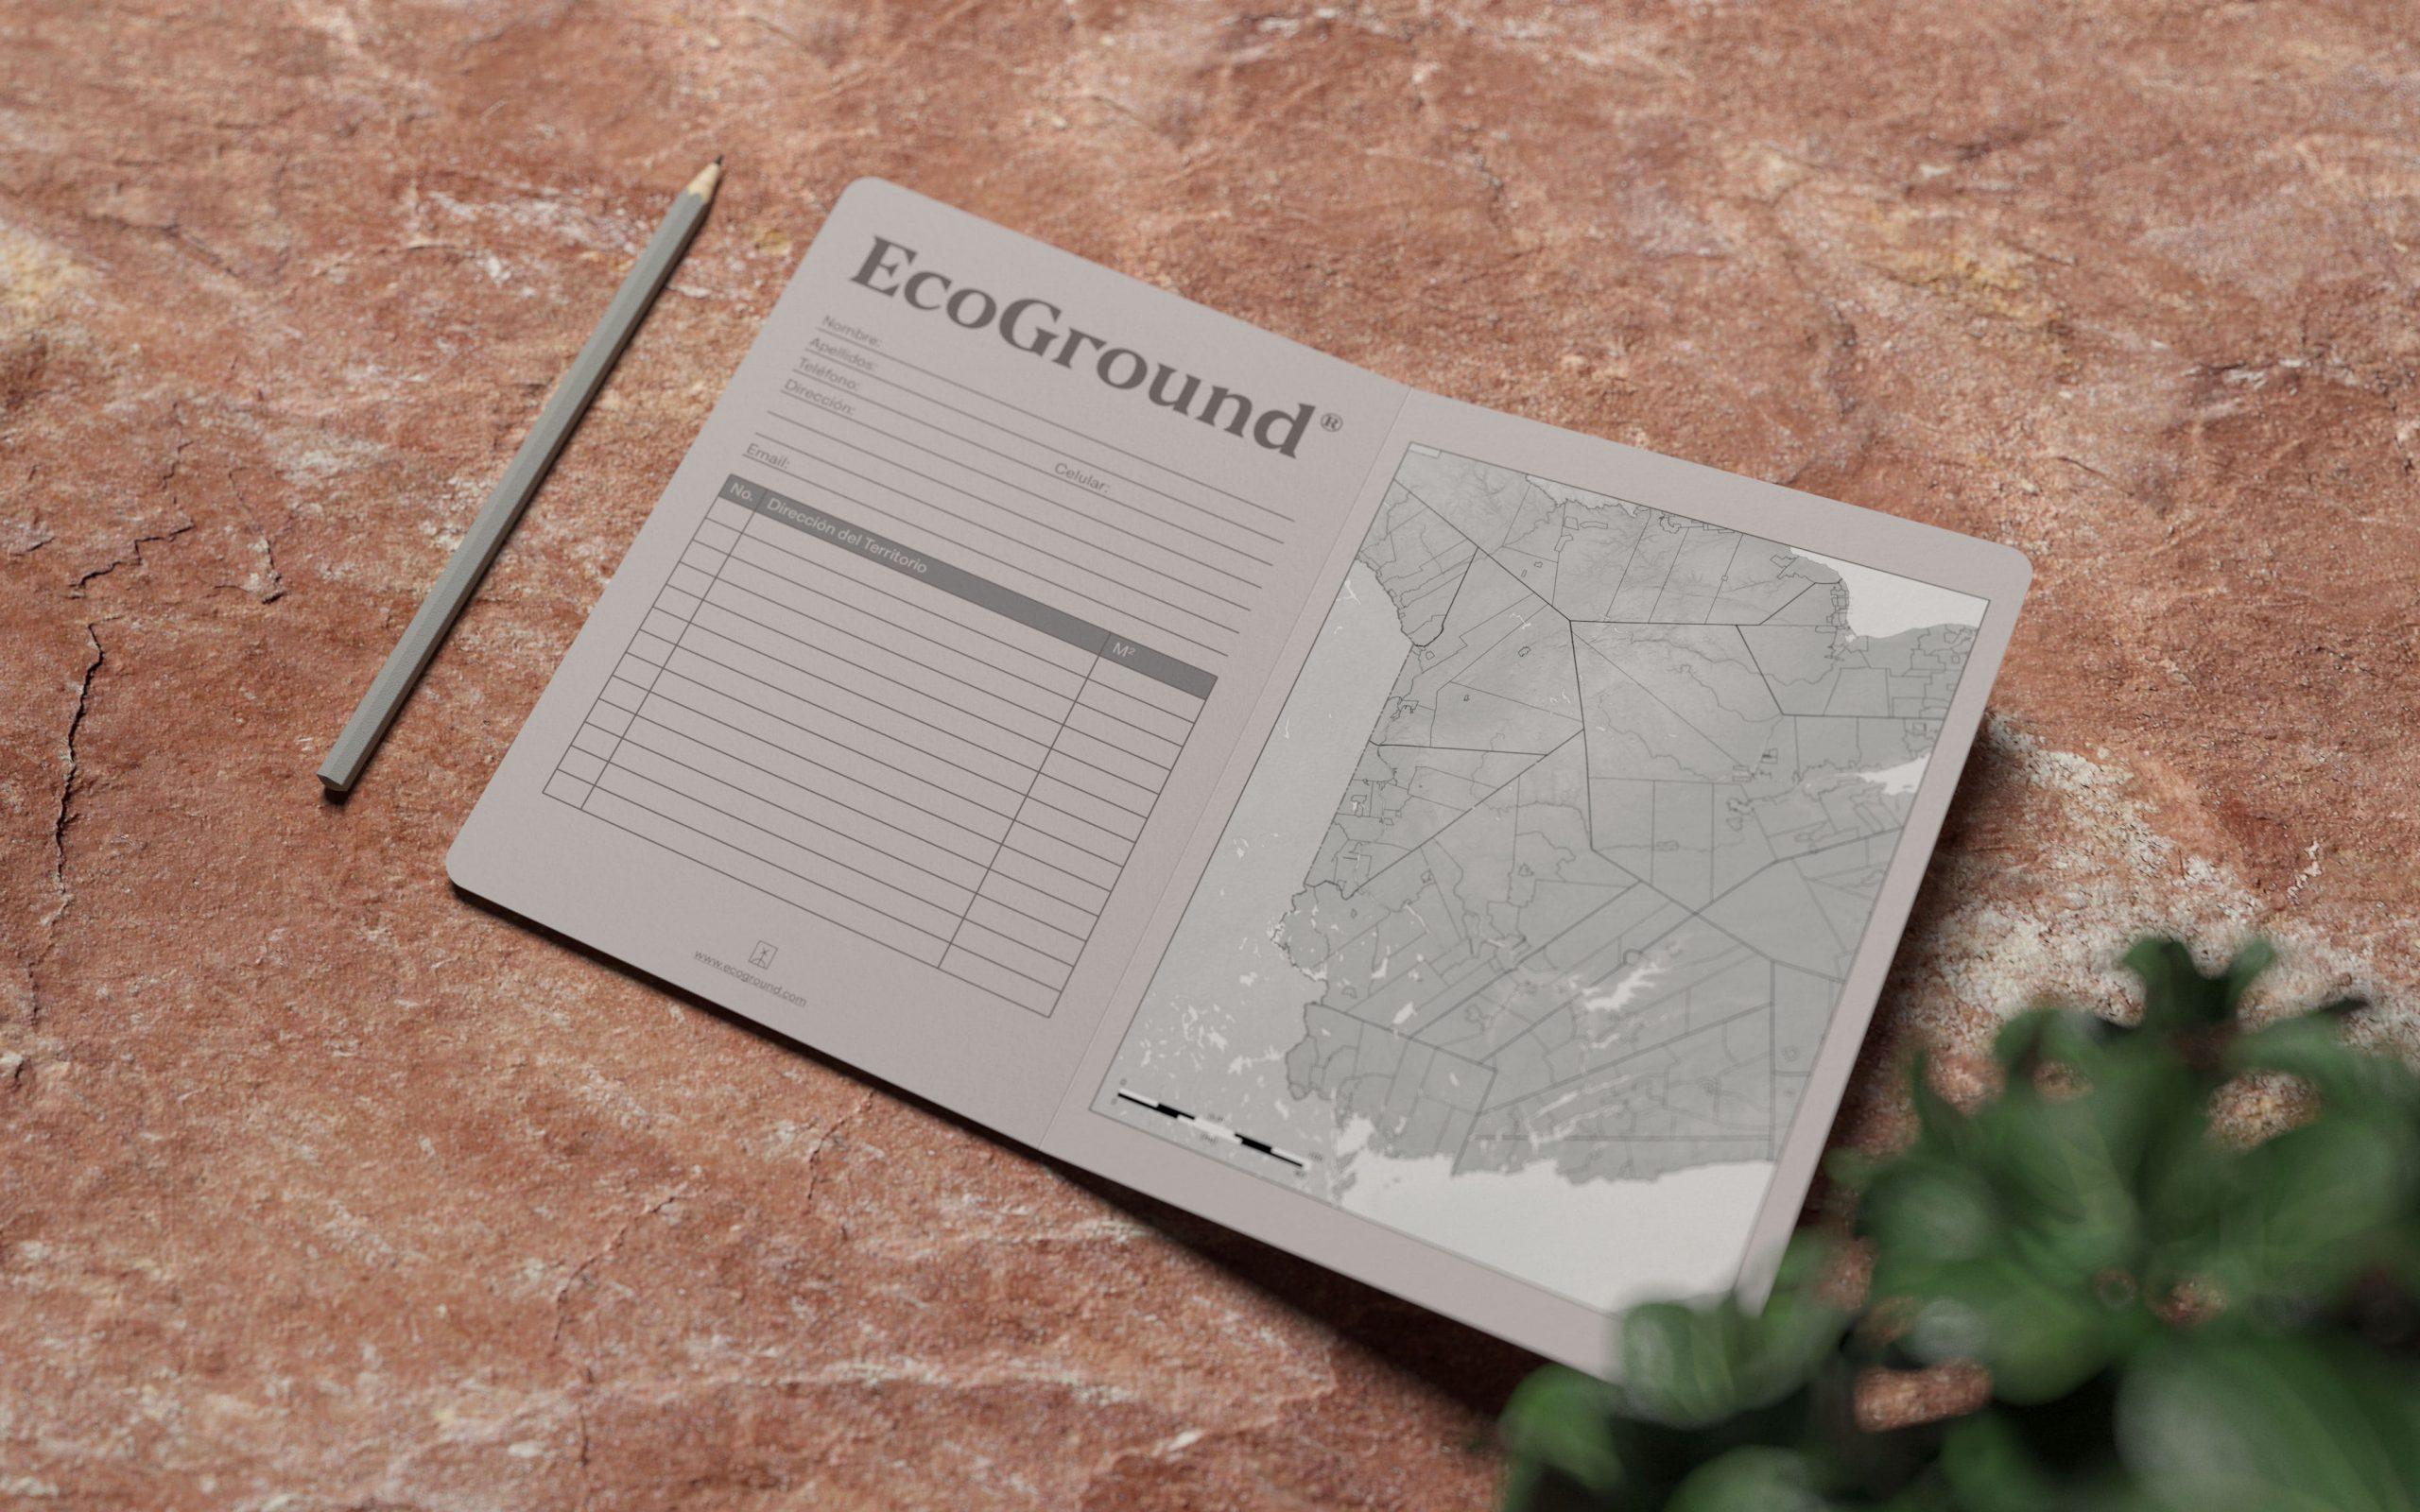 EcoGround-012